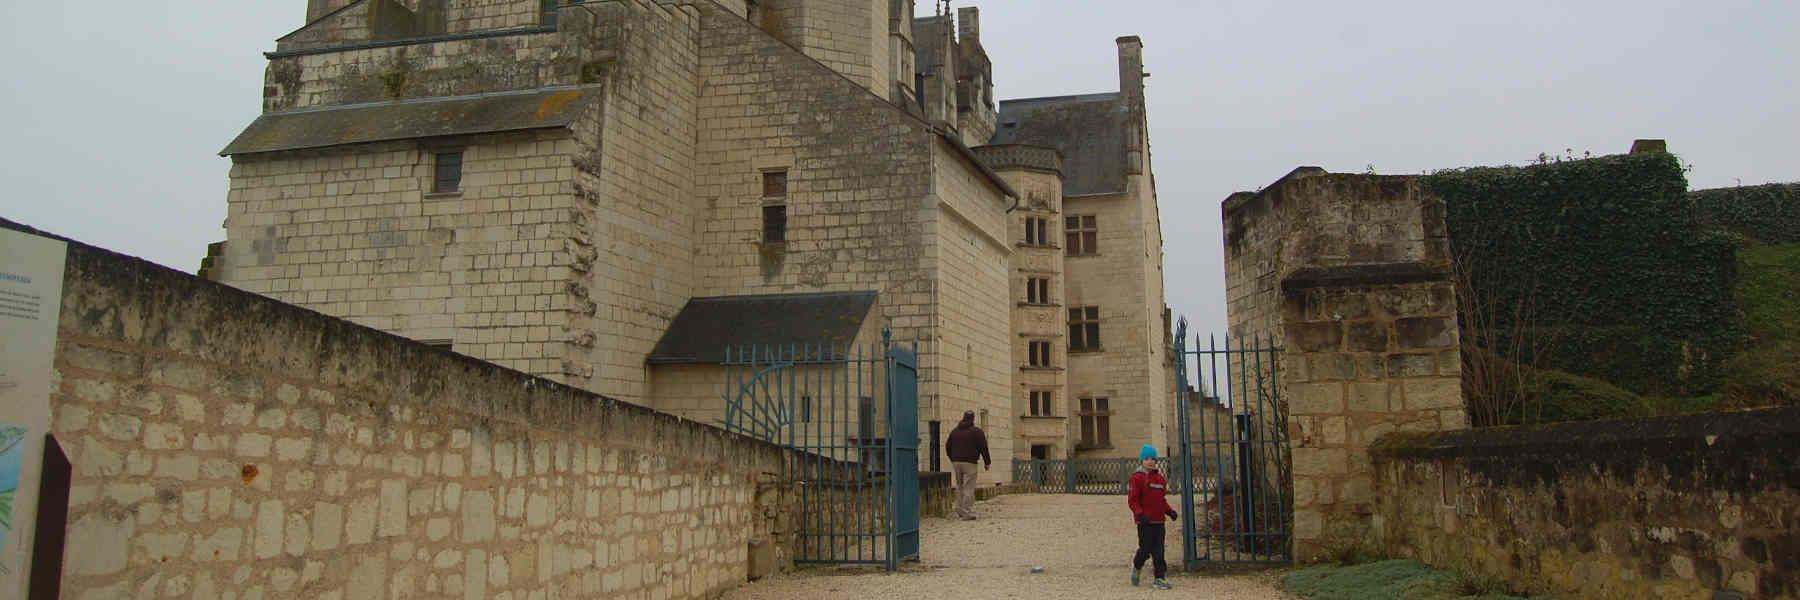 Visite du village de Montsoreau